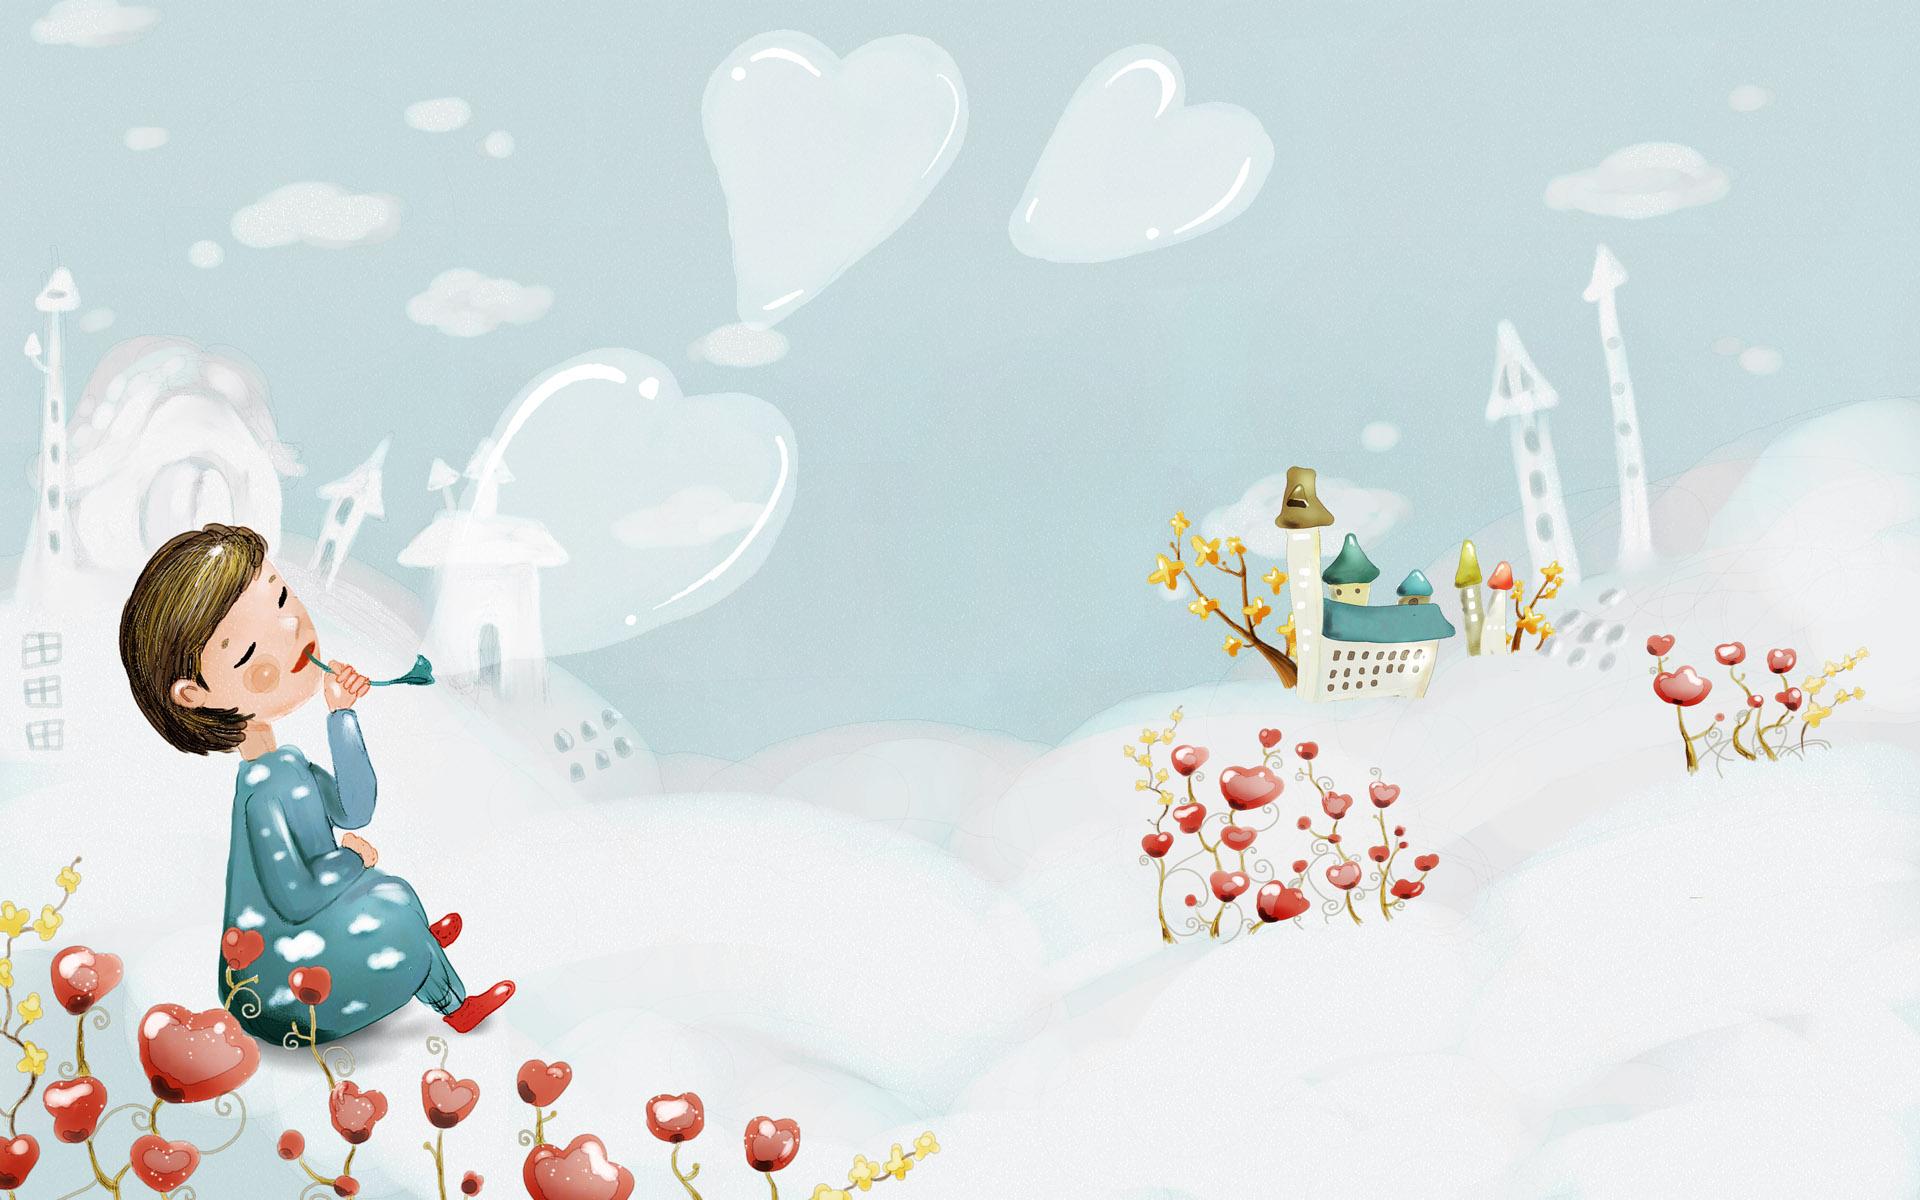 vector_spring_illustration_viewillustrator_2007